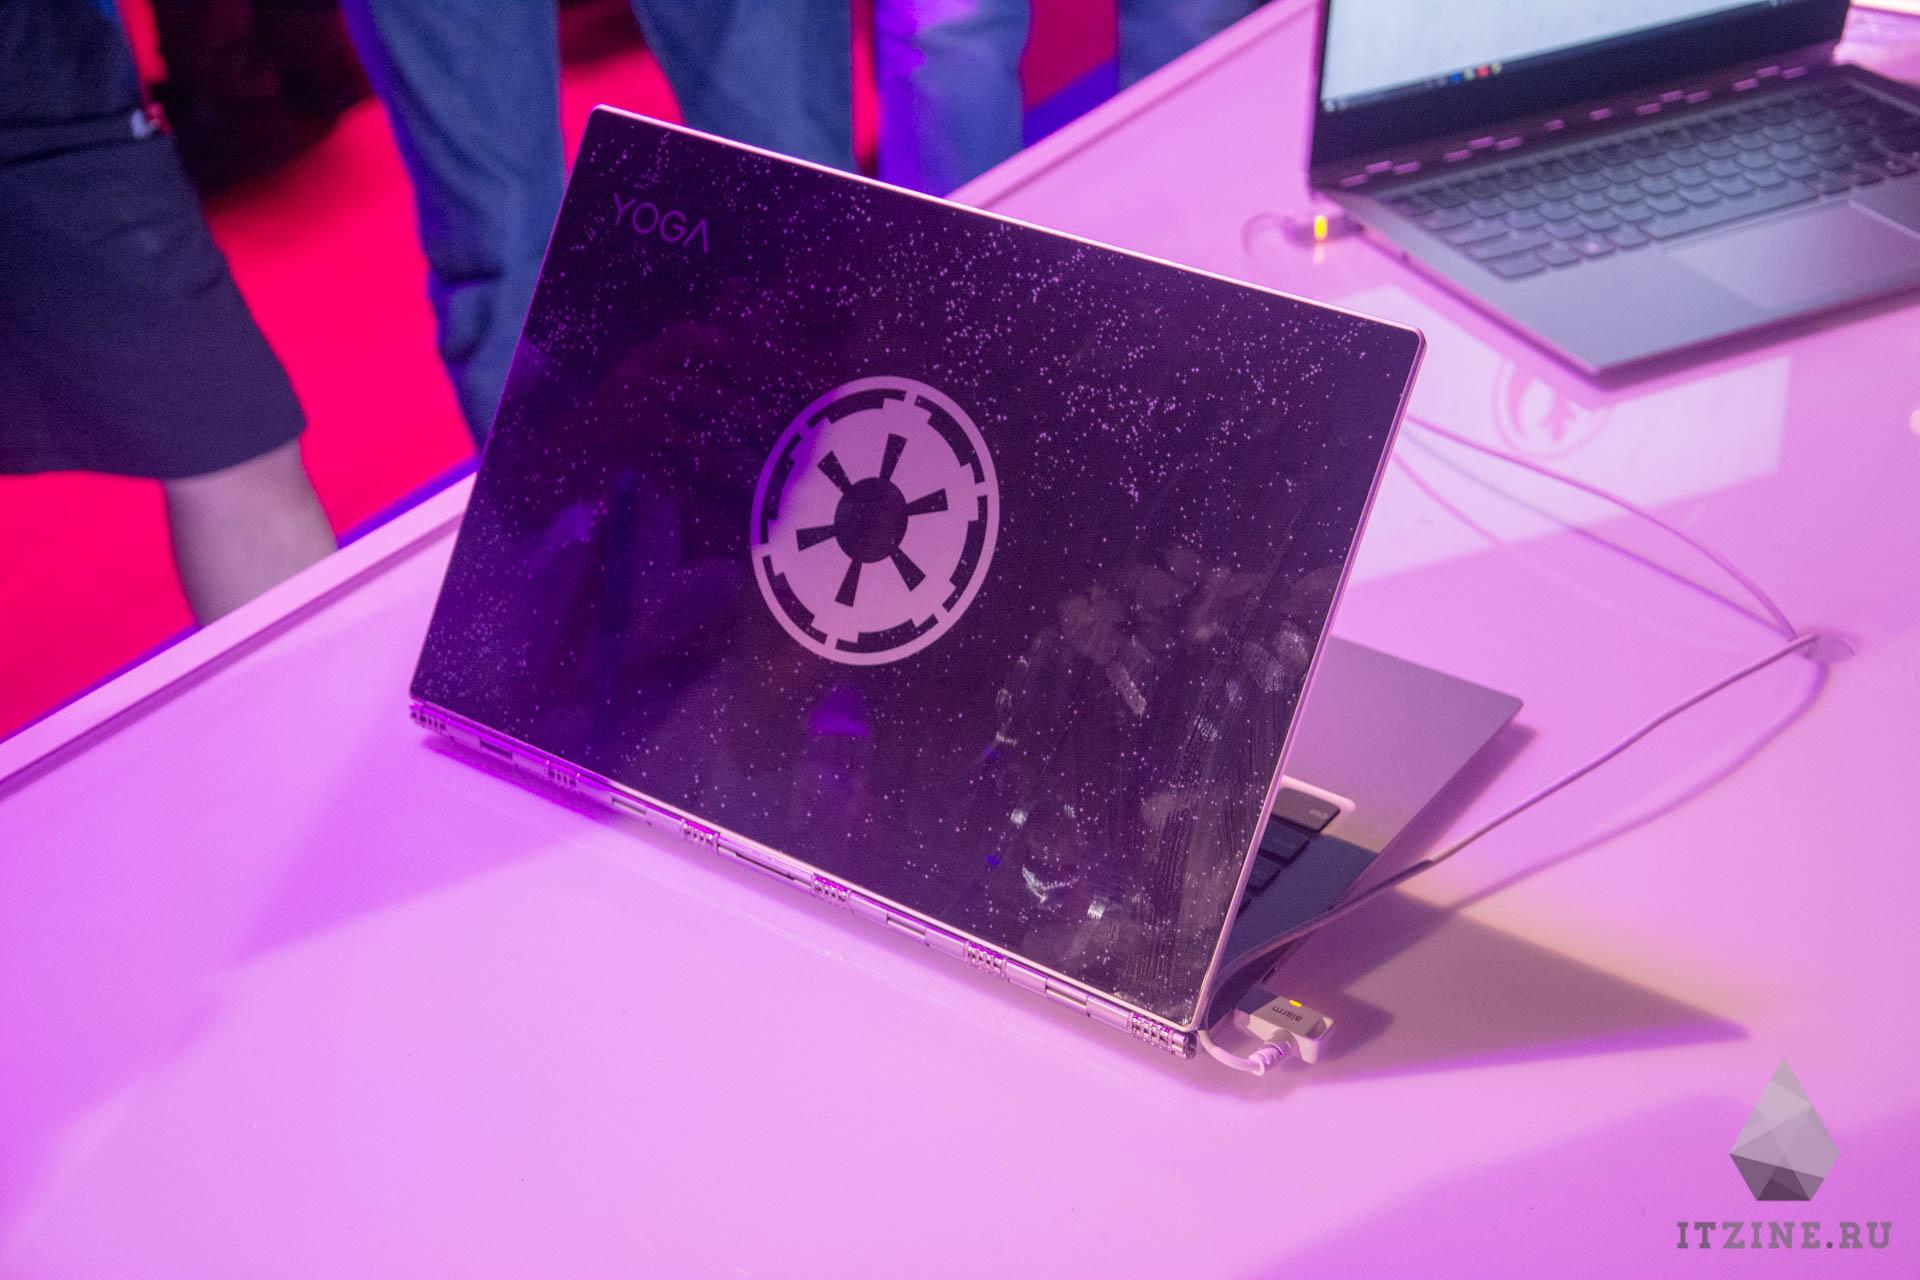 IFA 2017. Lenovo представила ноутбук Yoga 920 и его специальные издания со Star Wars